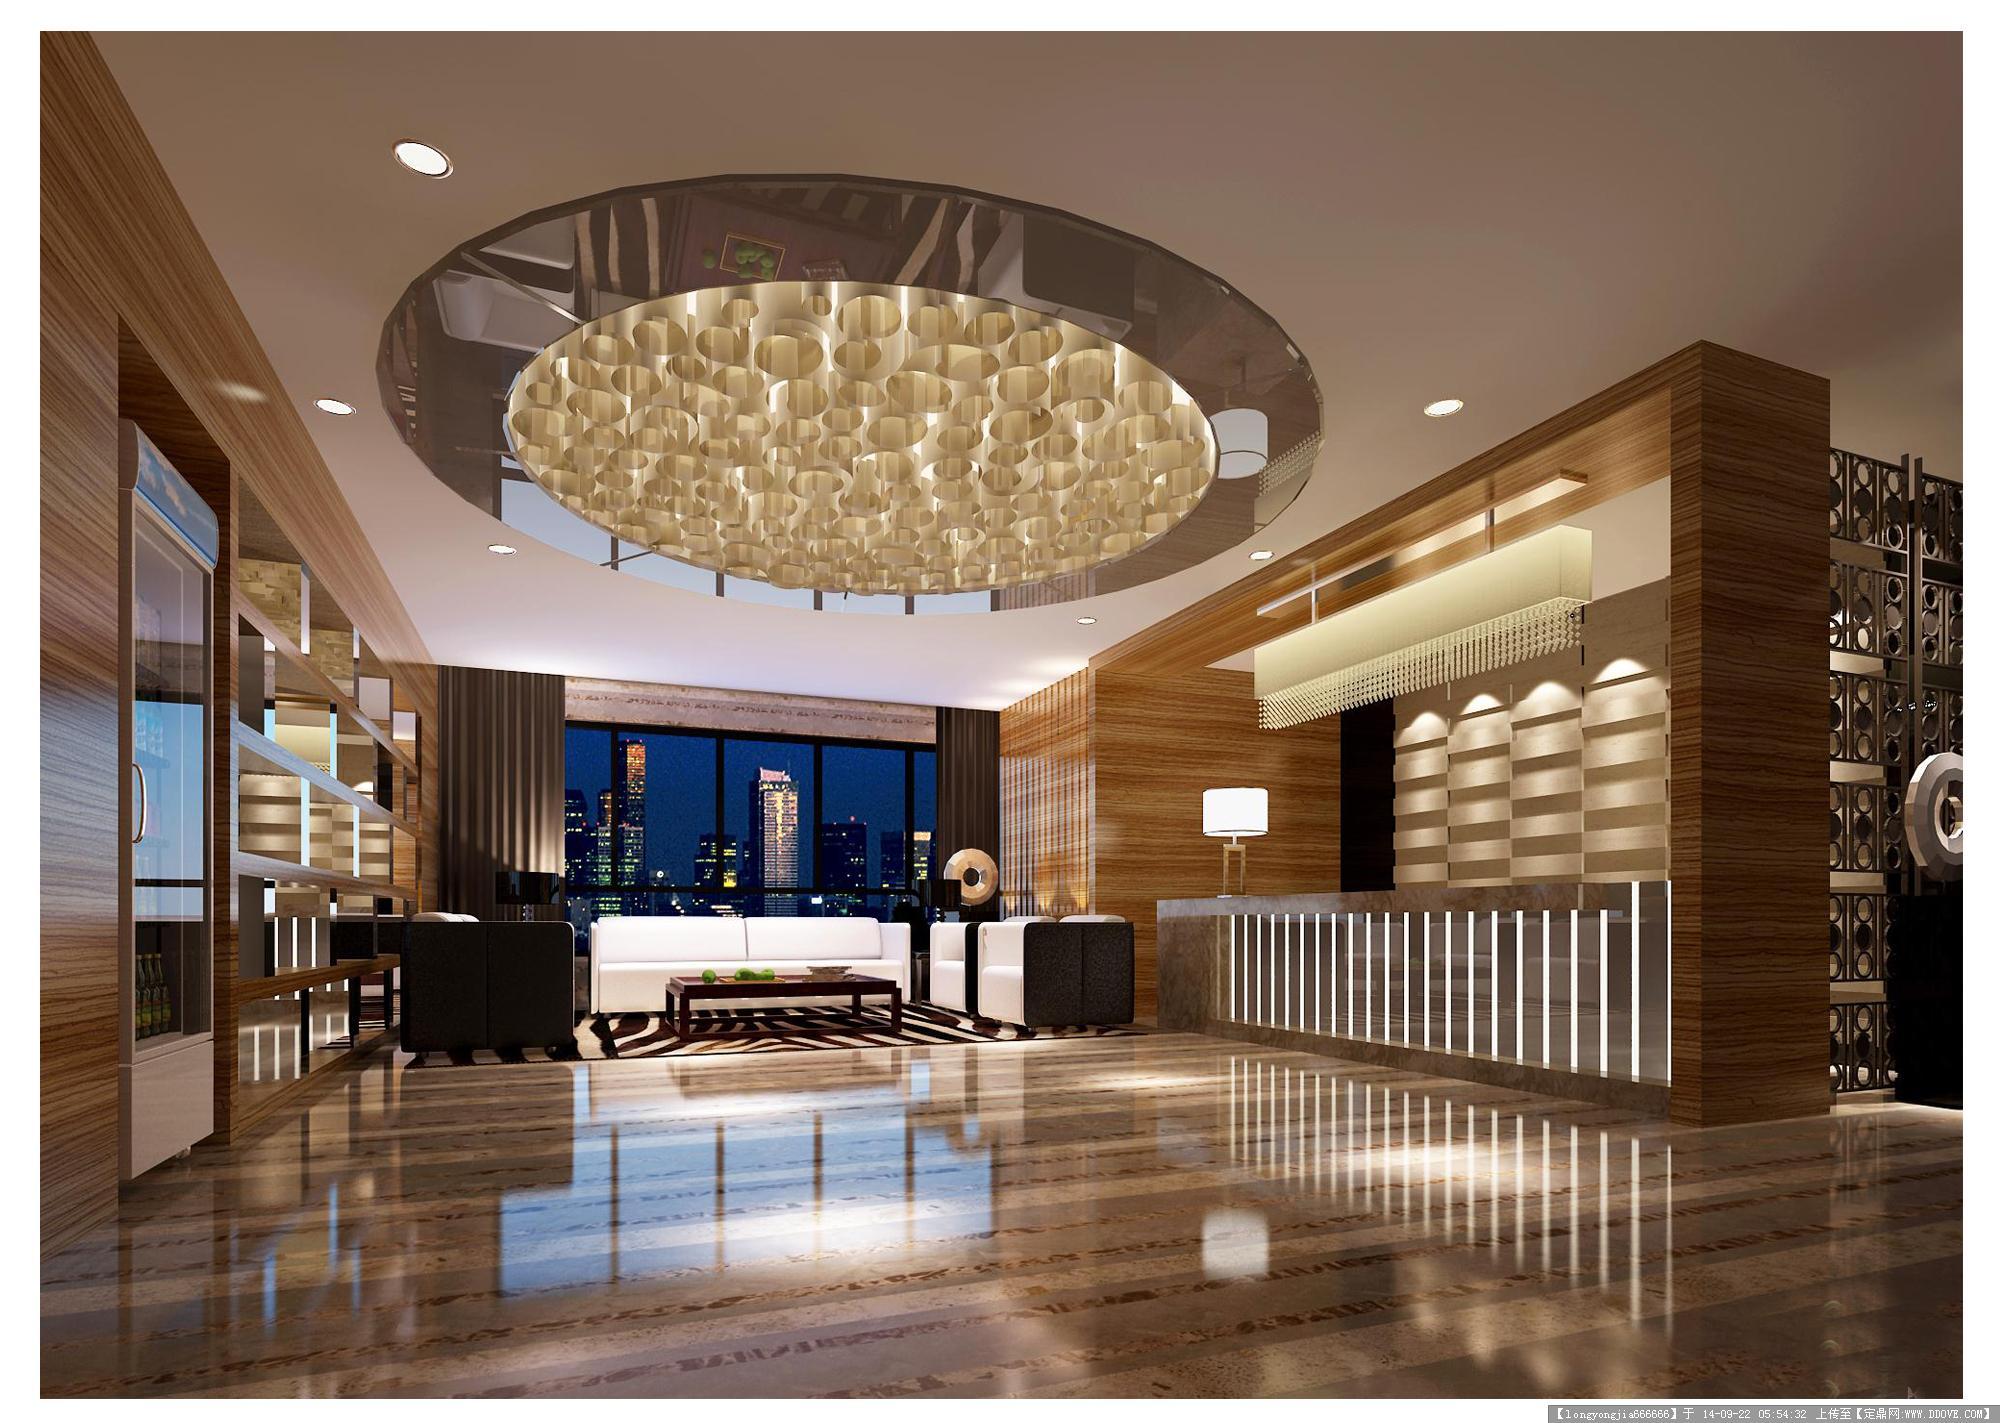 酒店大堂室内设计效果图006